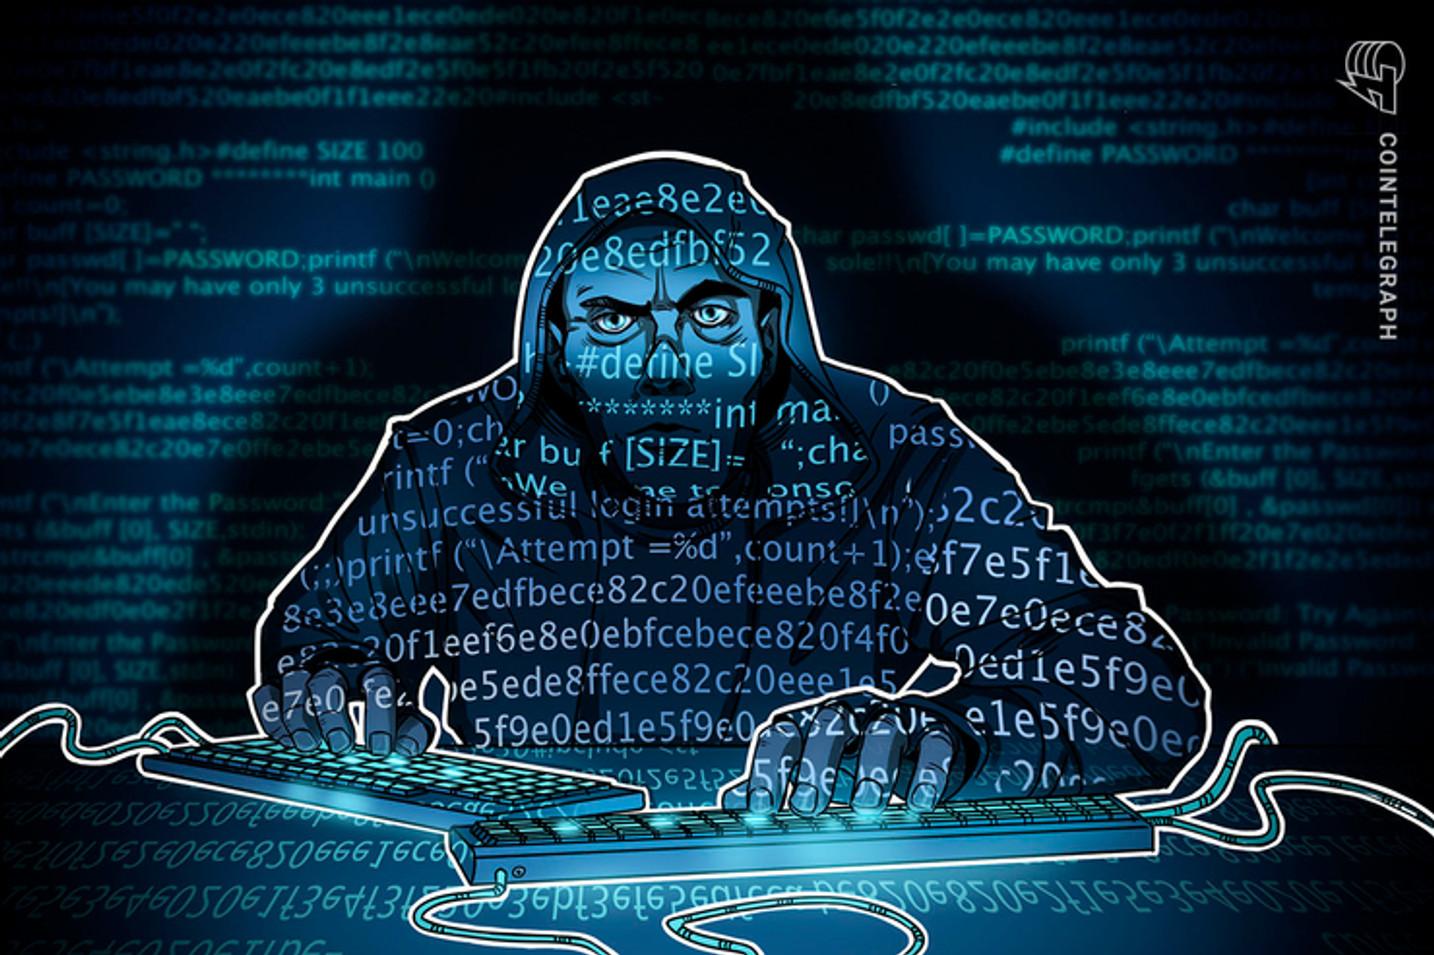 Cryptojacking cresce 9% no primeiro semestre de 2019 e é uma das maiores ameaças globais, diz relatório